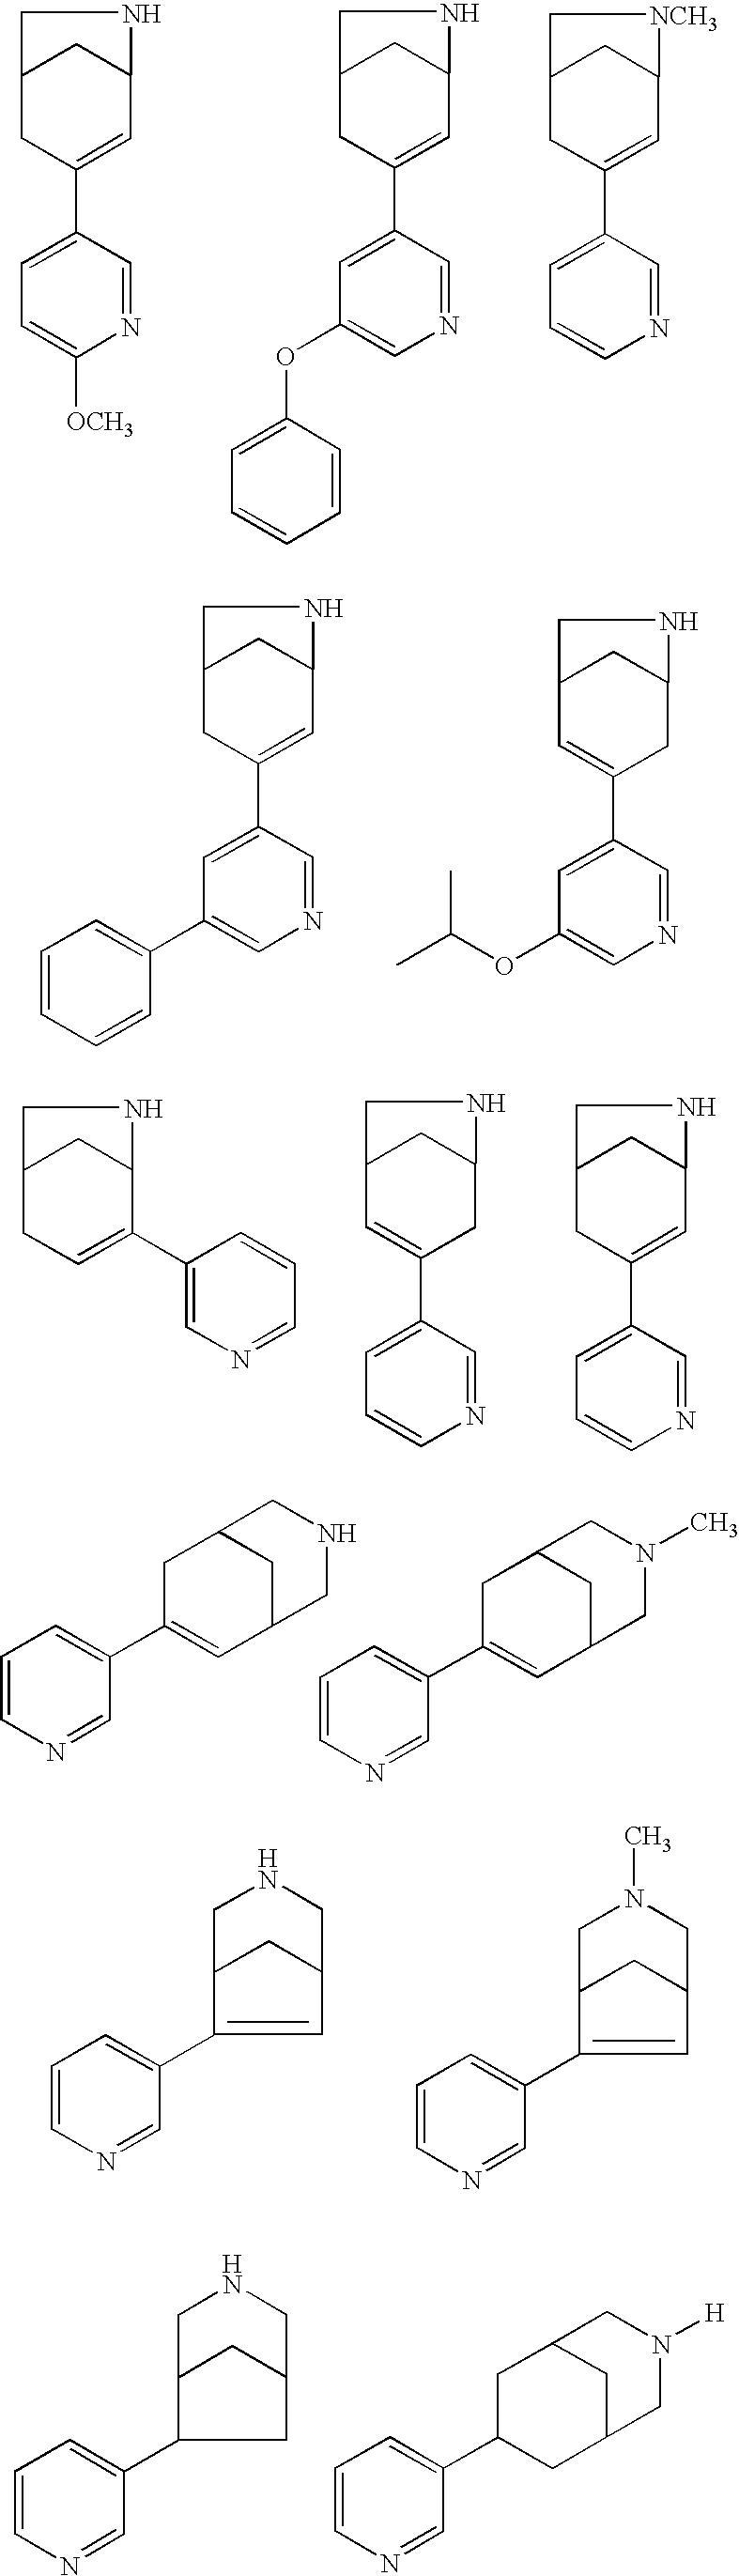 Figure US20050282823A1-20051222-C00006